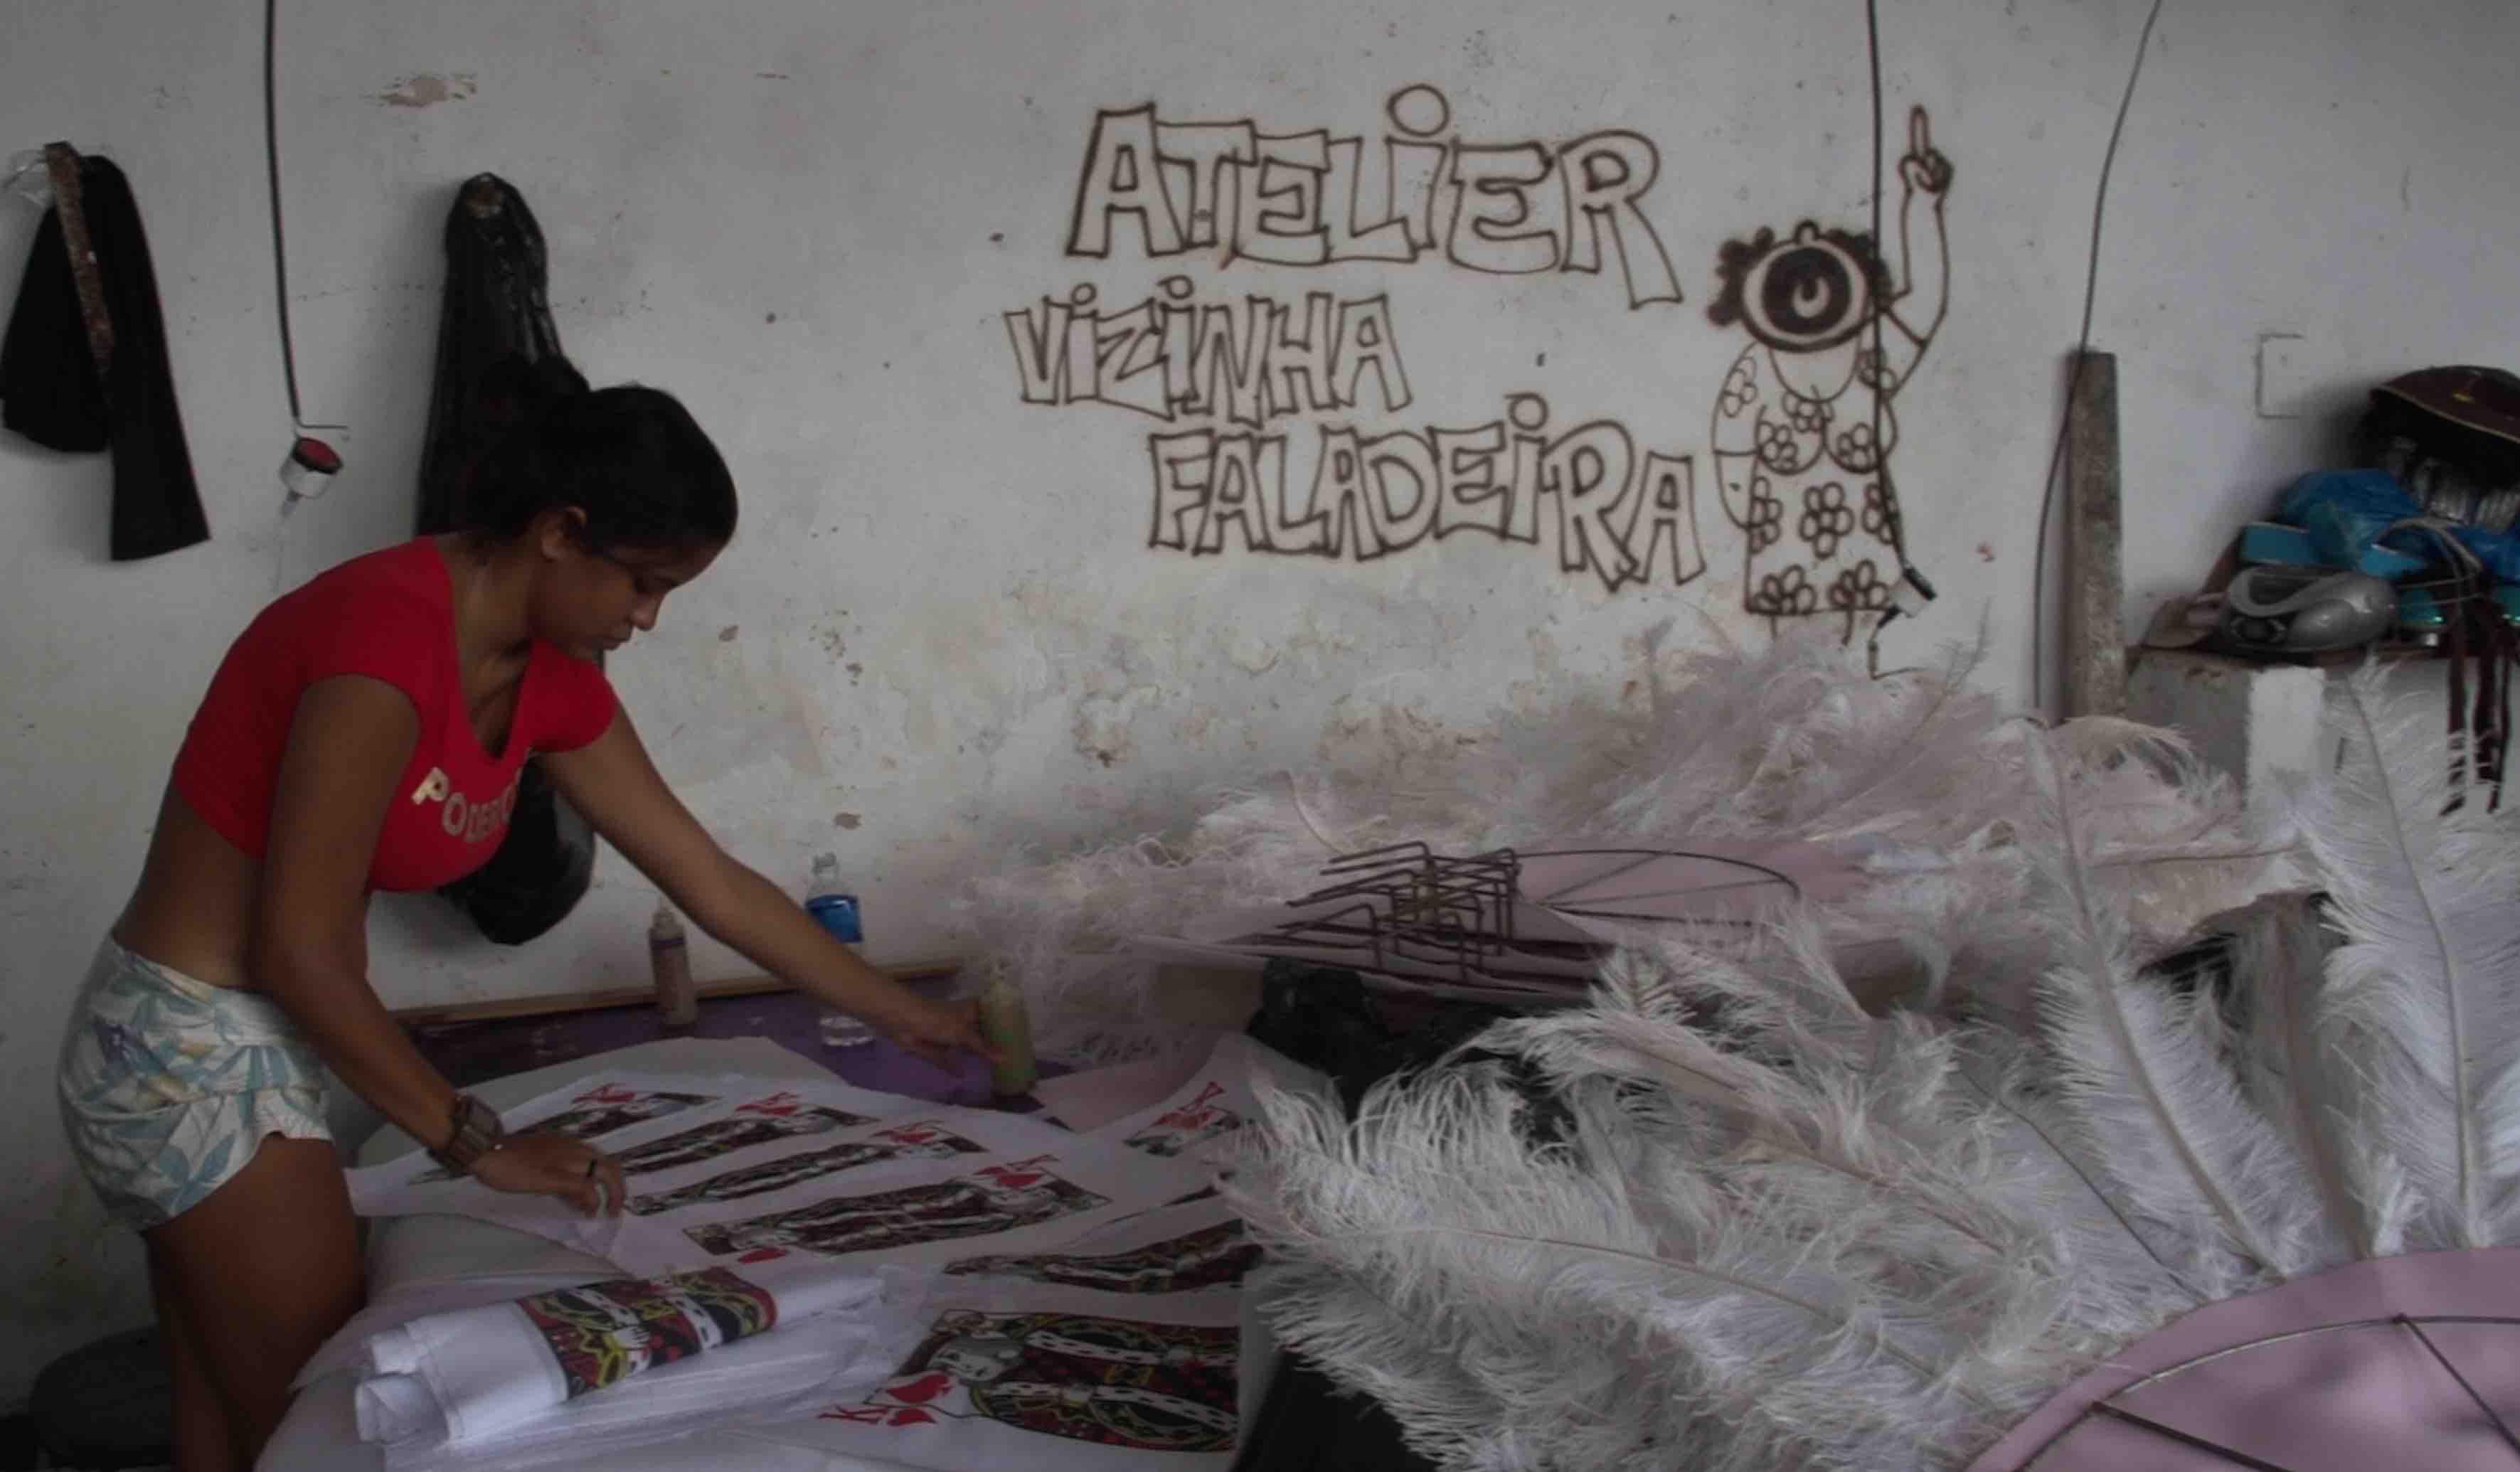 Atelier da Vizinha Faladeira